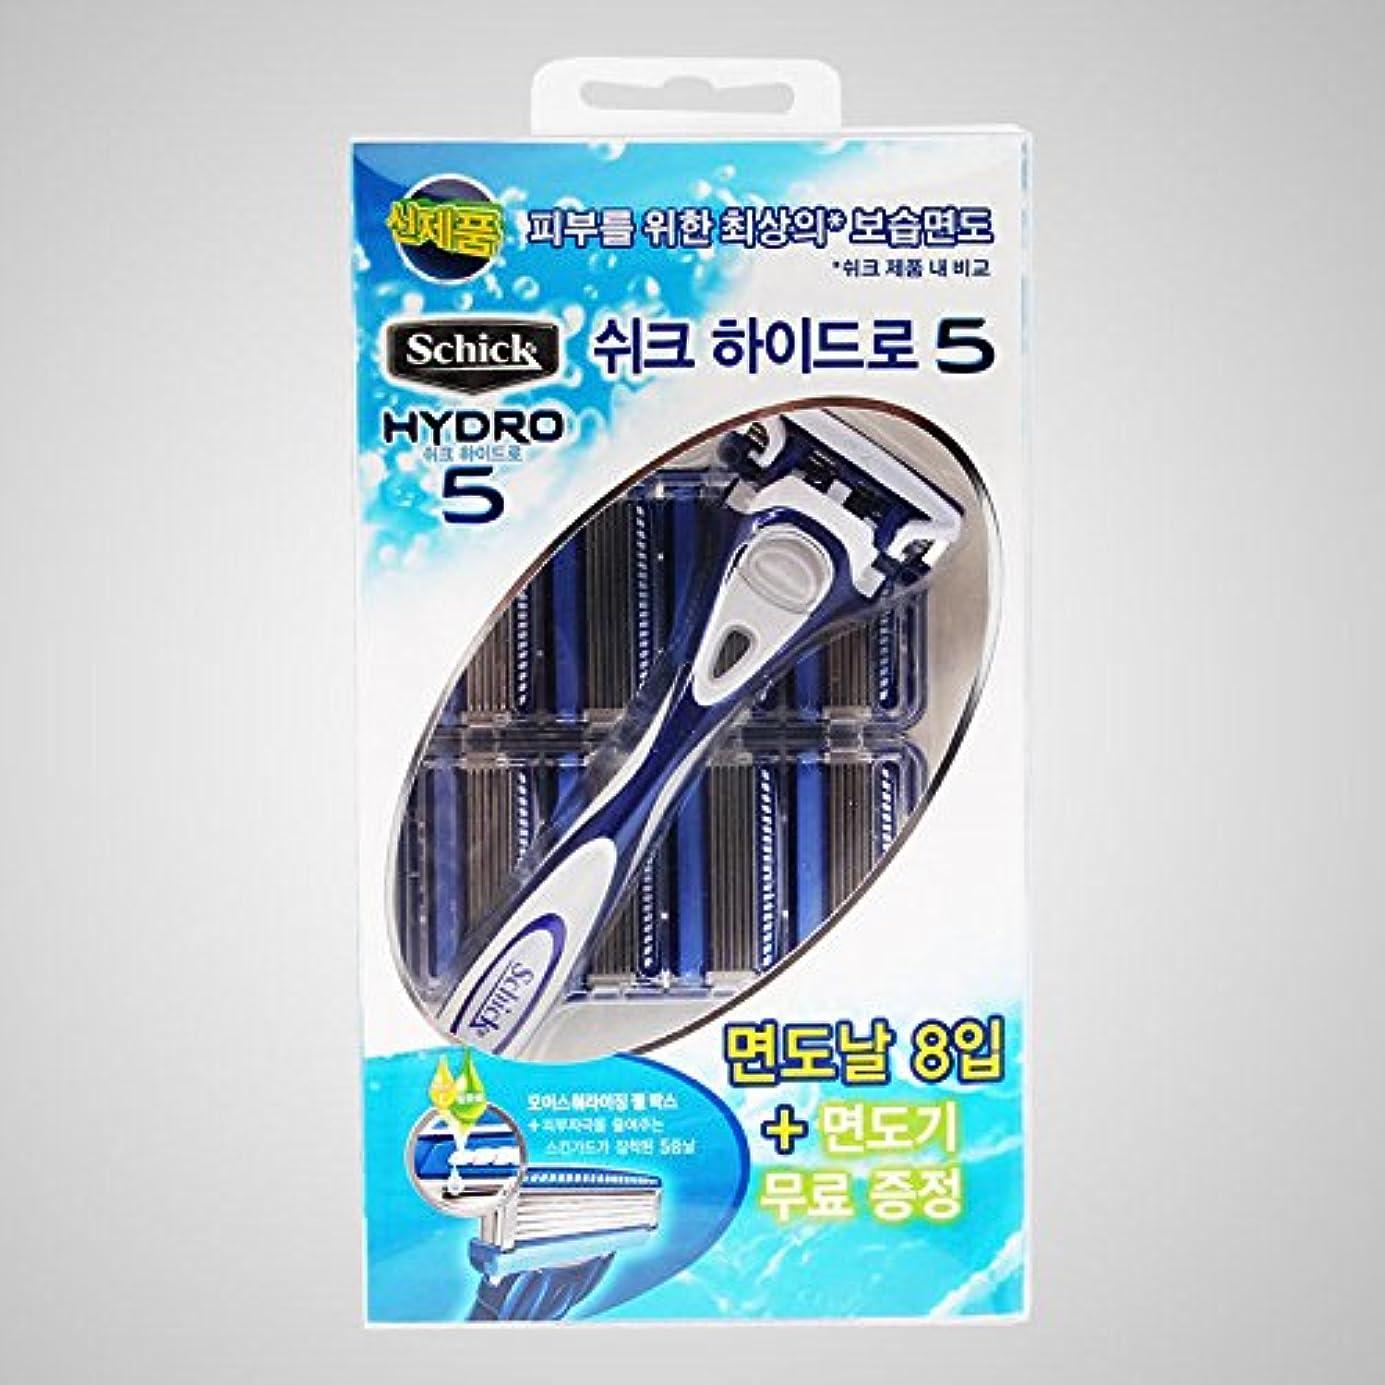 脚本カウボーイ受け入れSchick Hydro 5 Shaving 1 Razor with 9 カートリッジ [並行輸入品]